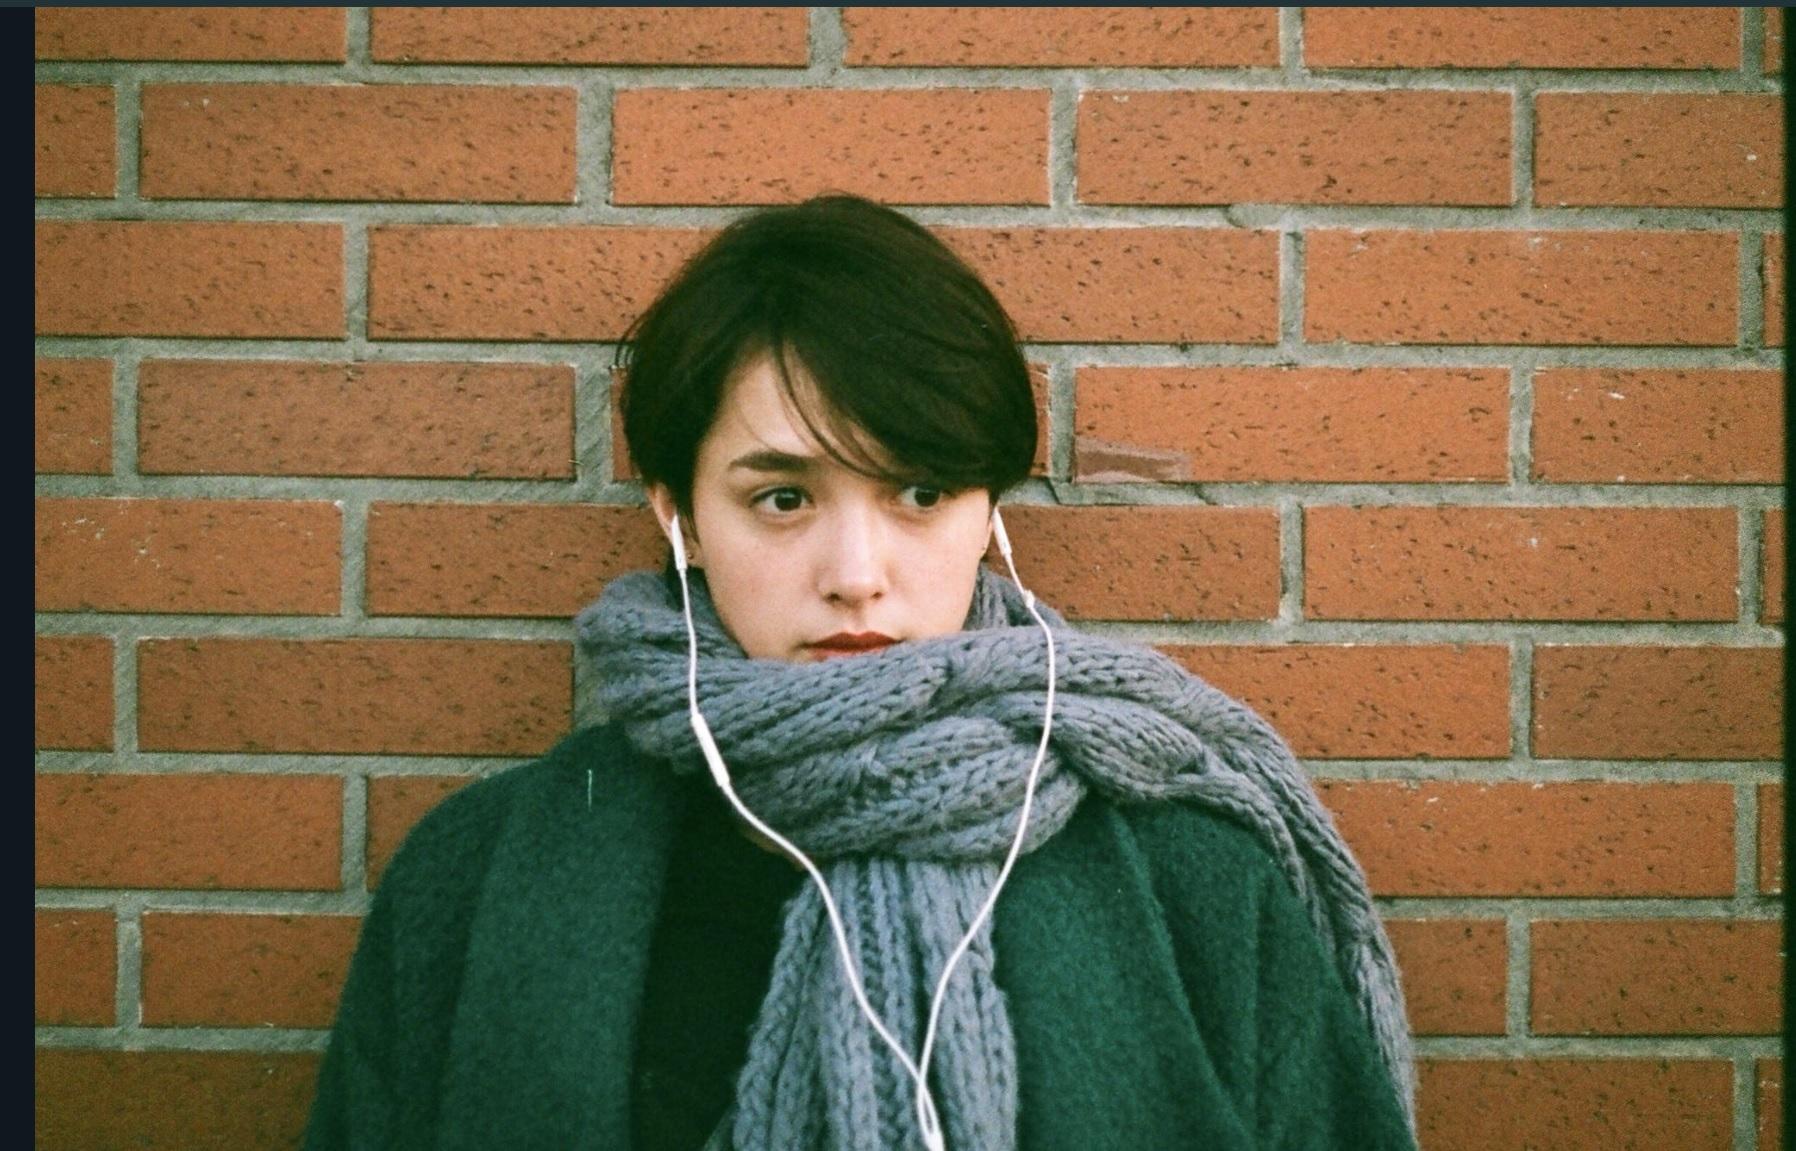 モーガン茉愛羅(まあら)はモデルでハーフ?プロフィールや画像。松田龍平と熱愛相手! , わくわくライフ